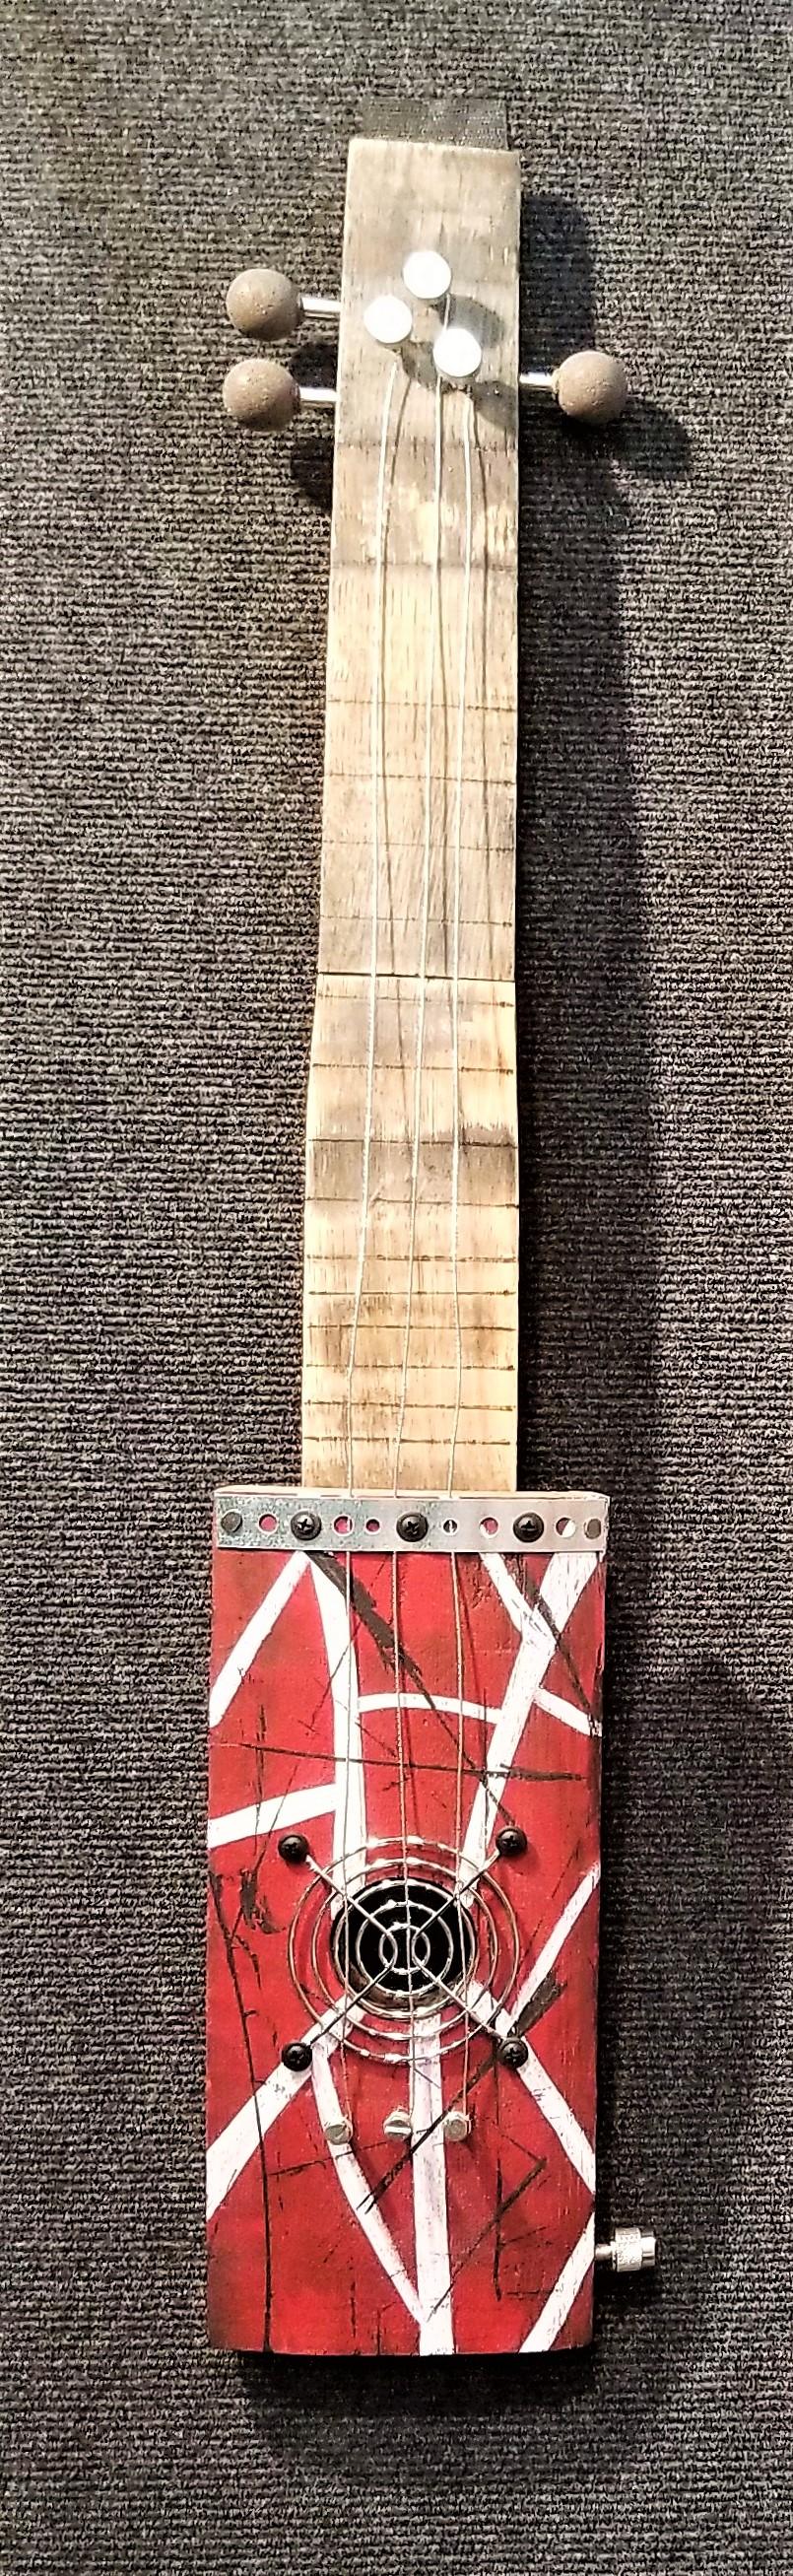 Guitar #4 & #1